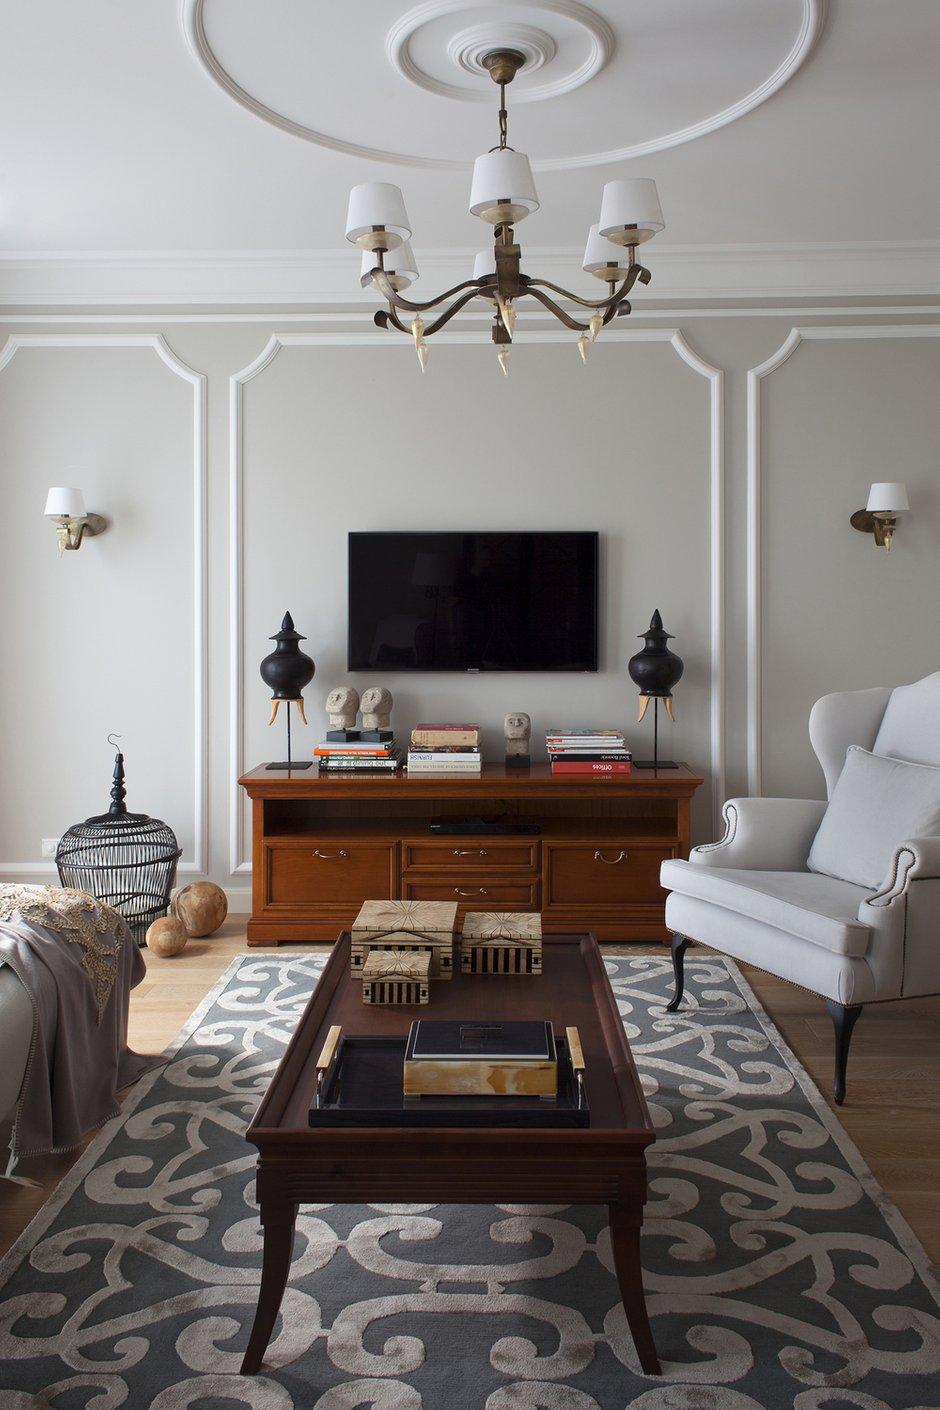 Фотография: Гостиная в стиле Современный, Декор интерьера, Квартира, Guadarte, Дома и квартиры, Прованс – фото на INMYROOM